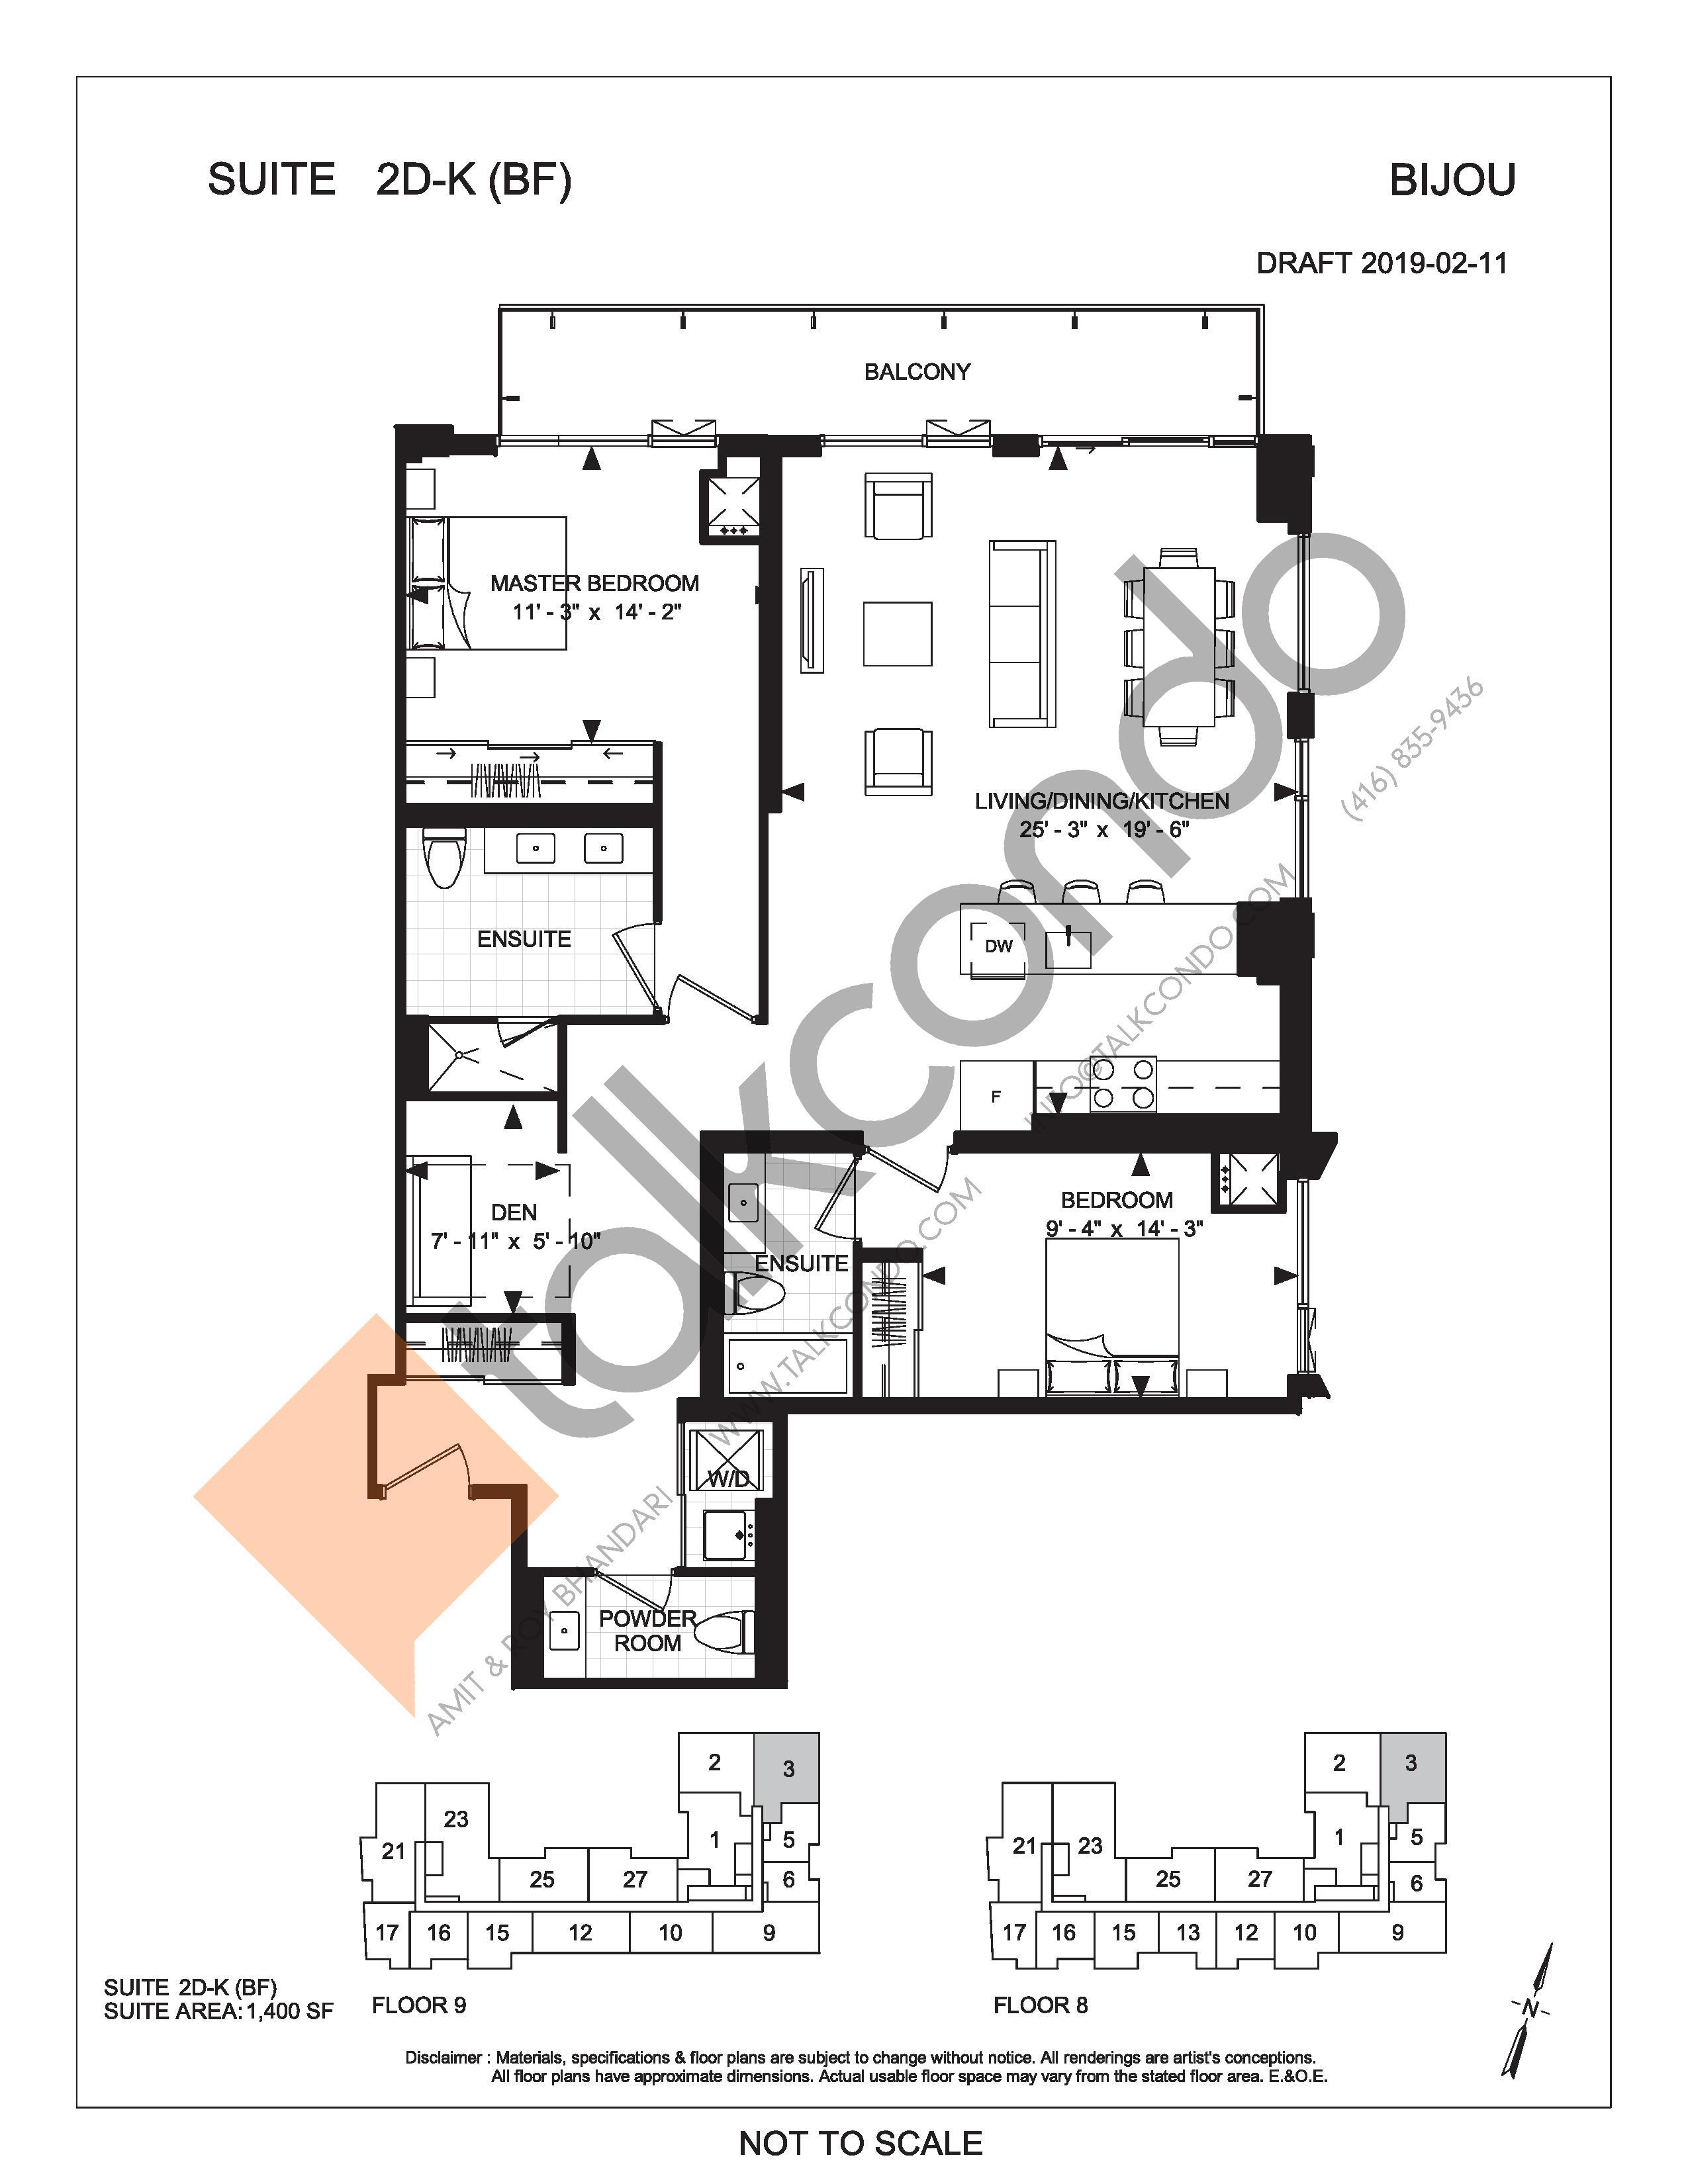 Suite 2D-K (BF) Floor Plan at Bijou On Bloor Condos - 1400 sq.ft